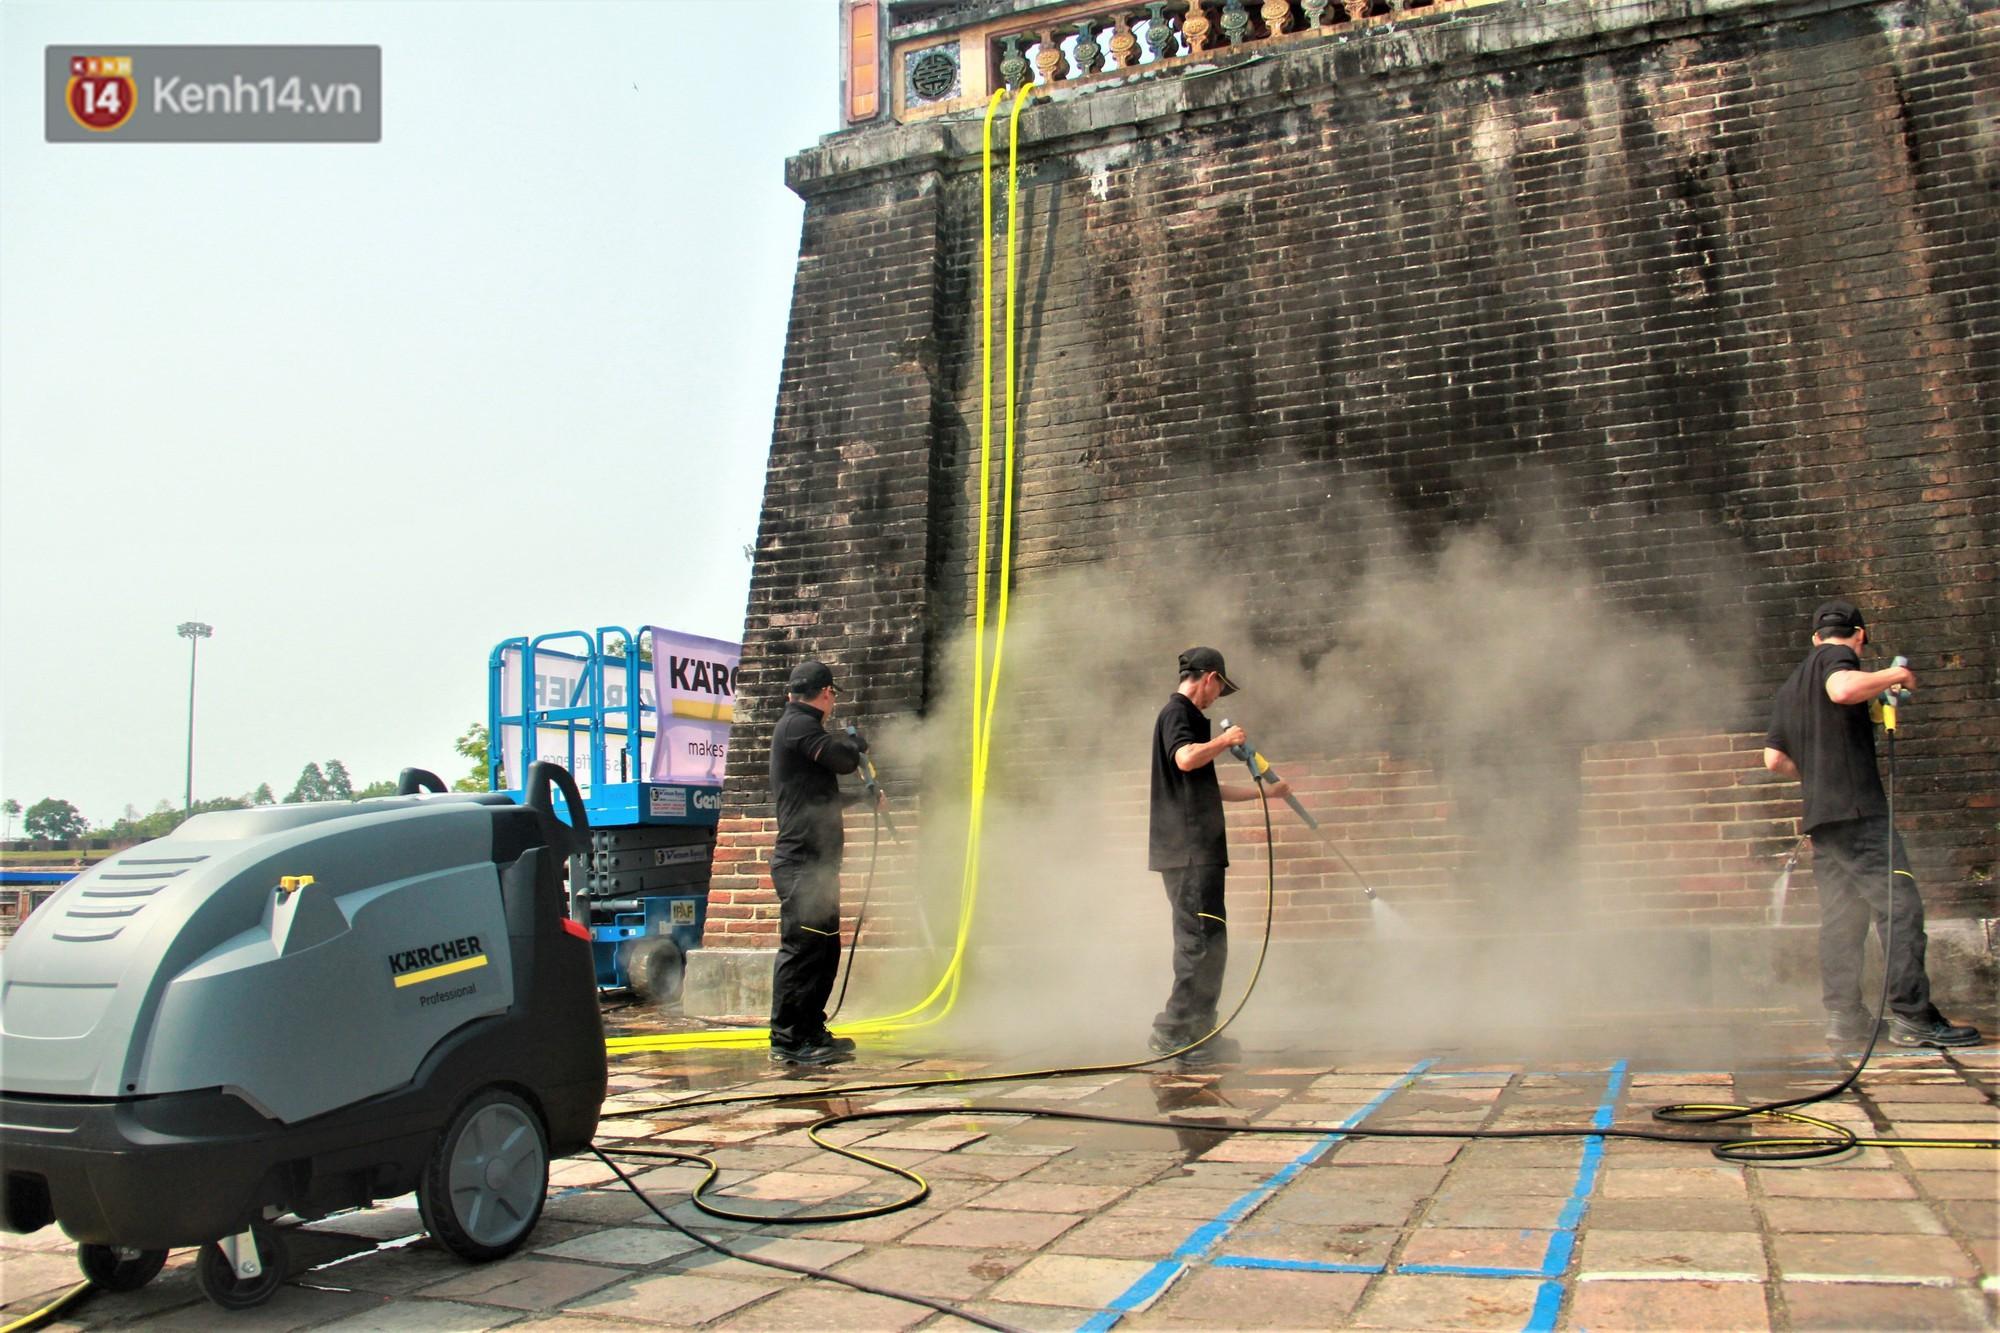 Nhiều người phản bác ý kiến Cổng Ngọ Môn của Đại Nội Huế được làm sạch là mất đi vẻ cổ kính: Không phải cứ rêu phong mới là di tích! - Ảnh 1.